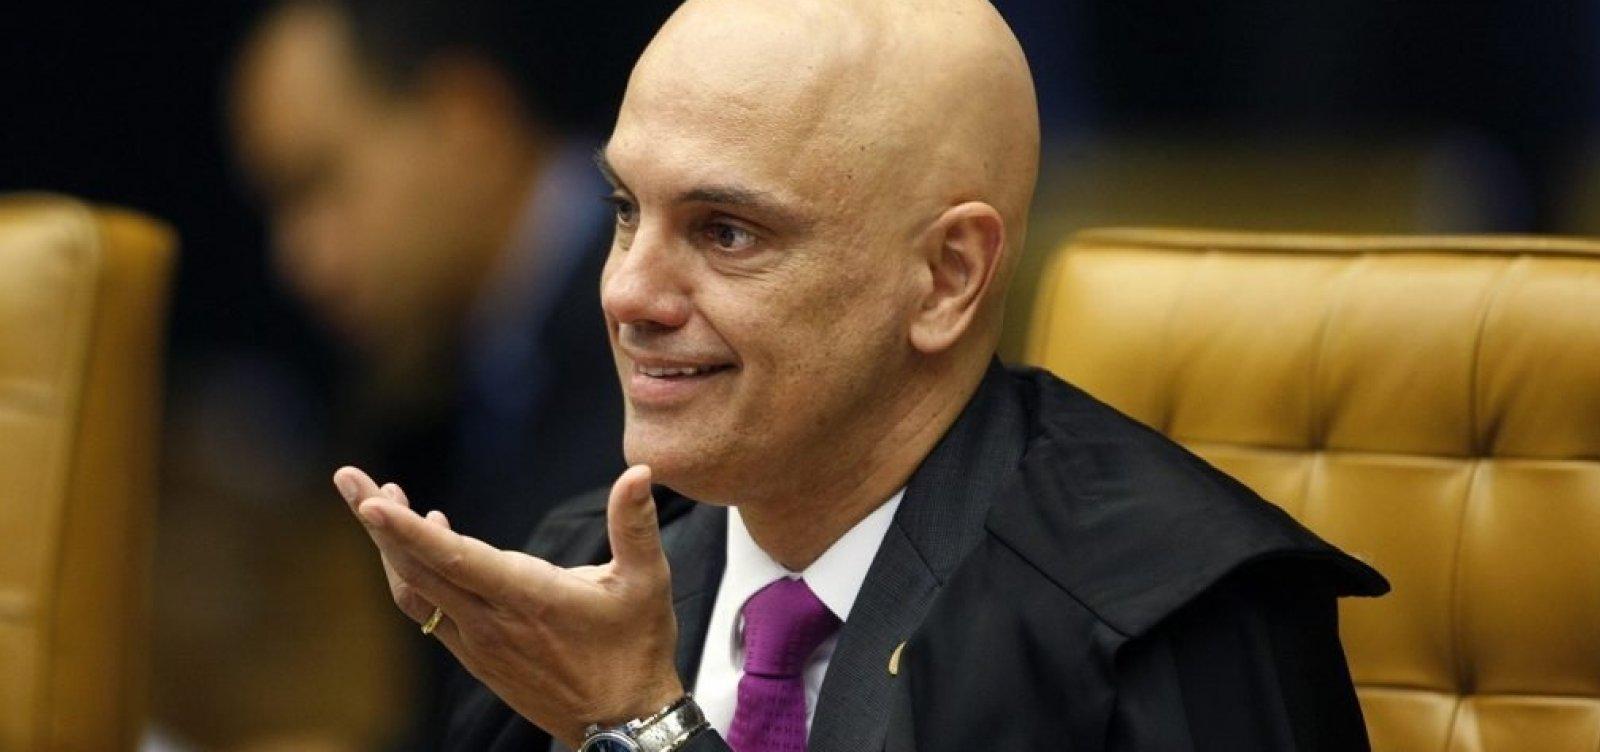 [Ministro do STF suspende processo contra general acusado de tortura na ditadura]